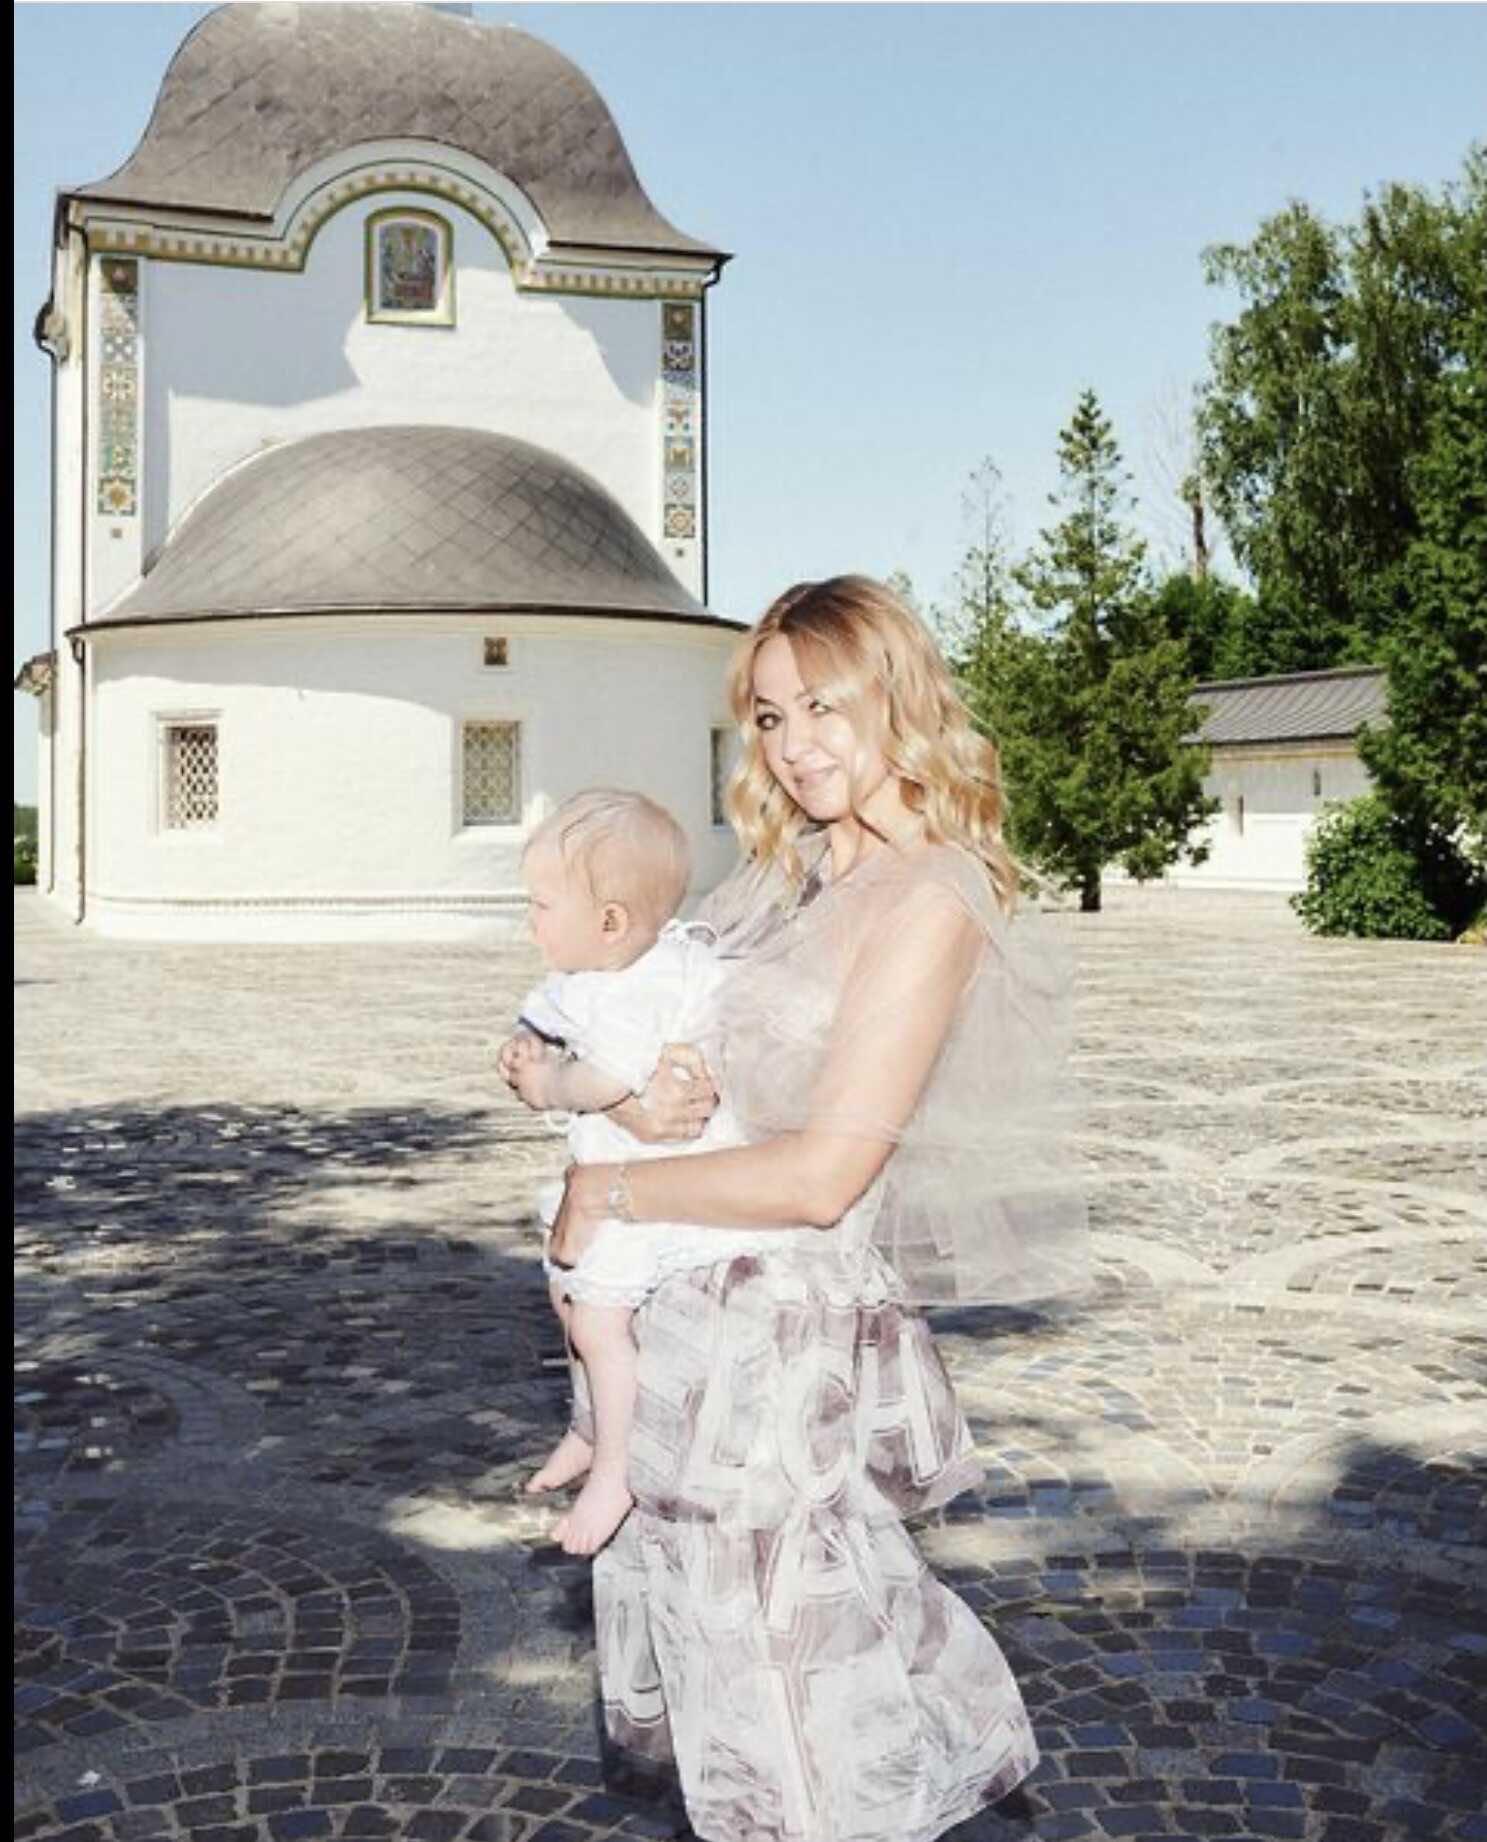 «Танцы до упаду»: Яна Рудковская показала кадры с крещения сына и последующей веселой пирушки